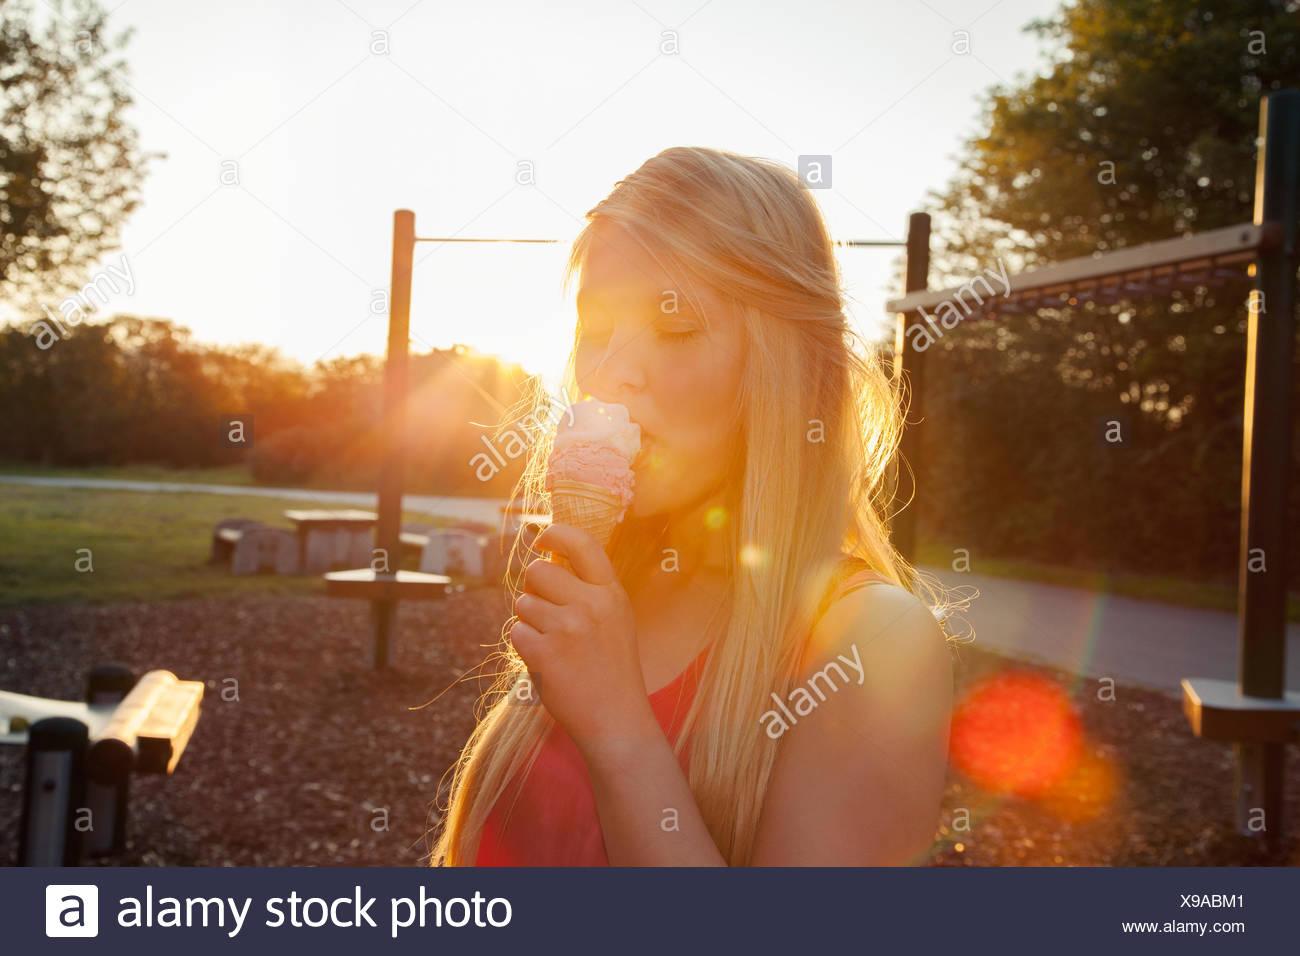 Junge Frau essen Eiscreme-Kegel im Park bei Sonnenuntergang Stockbild